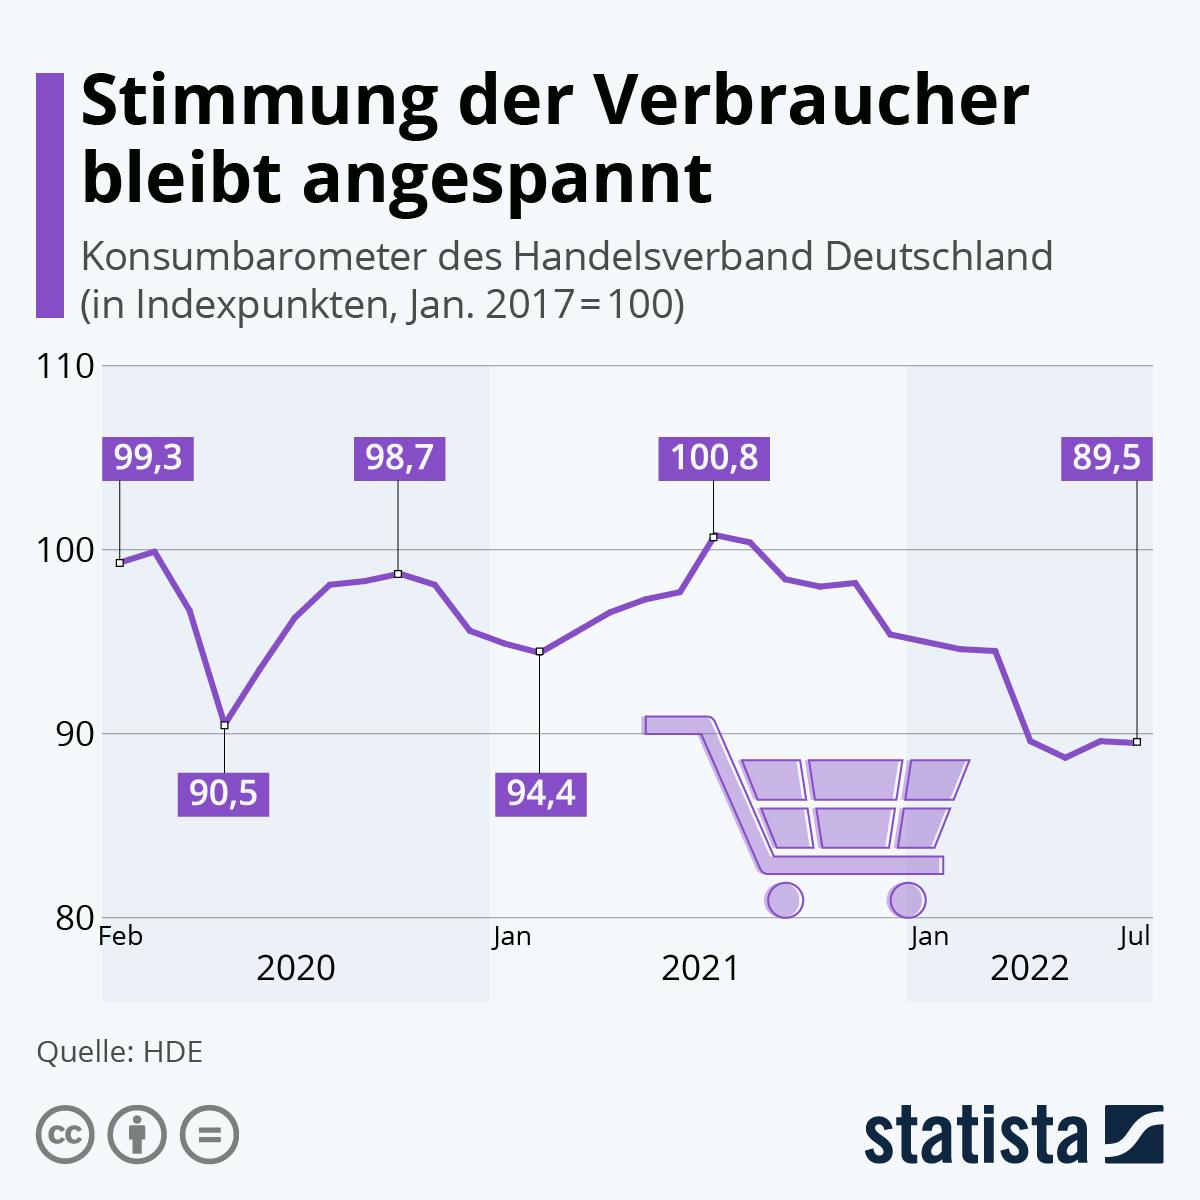 Infografik: Stimmung der Verbraucher besser als vor einem Jahr | Statista